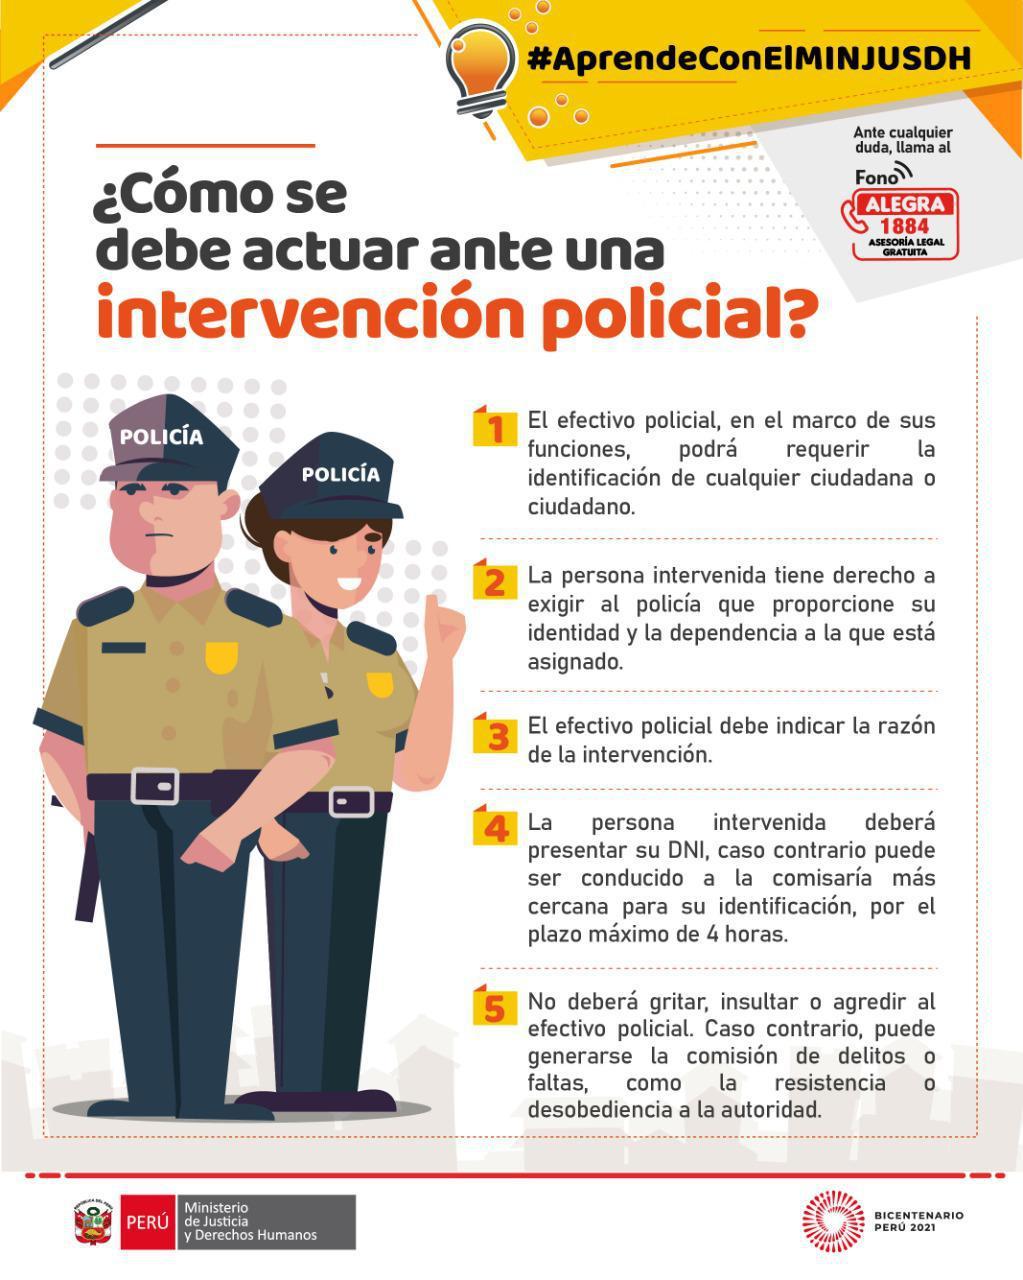 ¿Cómo se debe actuar ante una intervención policial?